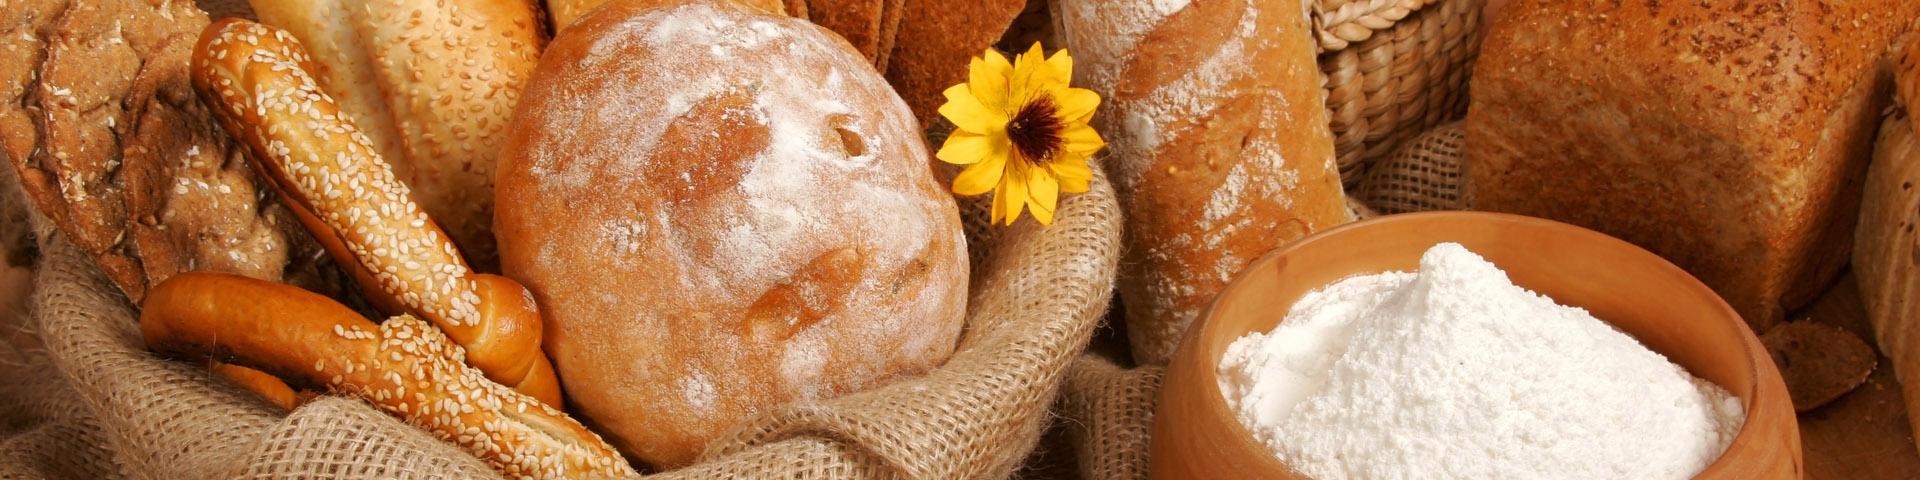 تغییرات قیمت آرد و نان با نگاه حمایتی